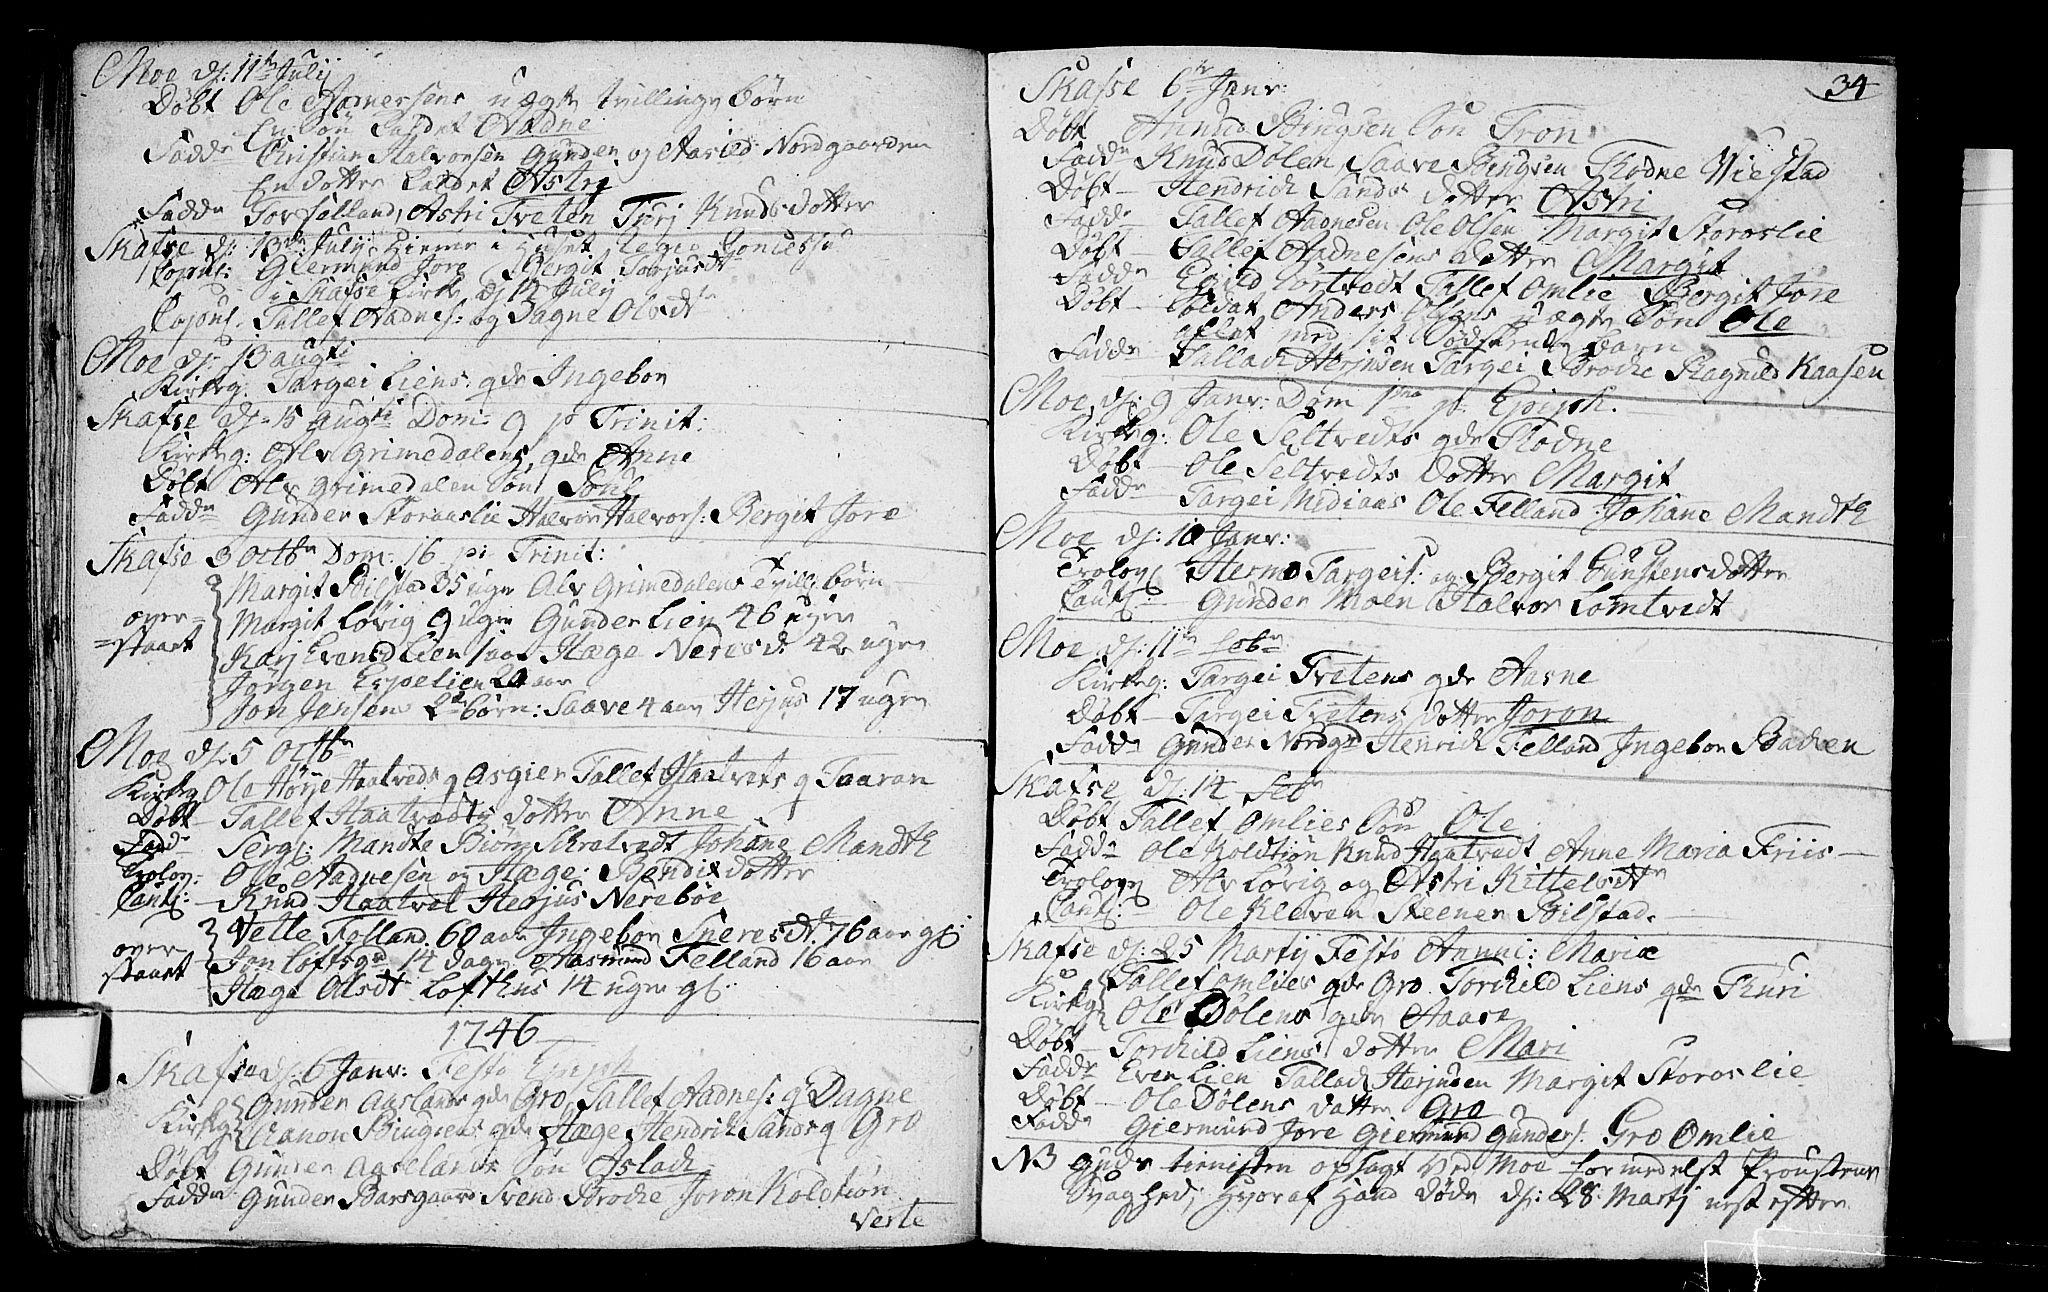 SAKO, Mo kirkebøker, F/Fa/L0001: Ministerialbok nr. I 1, 1724-1748, s. 34